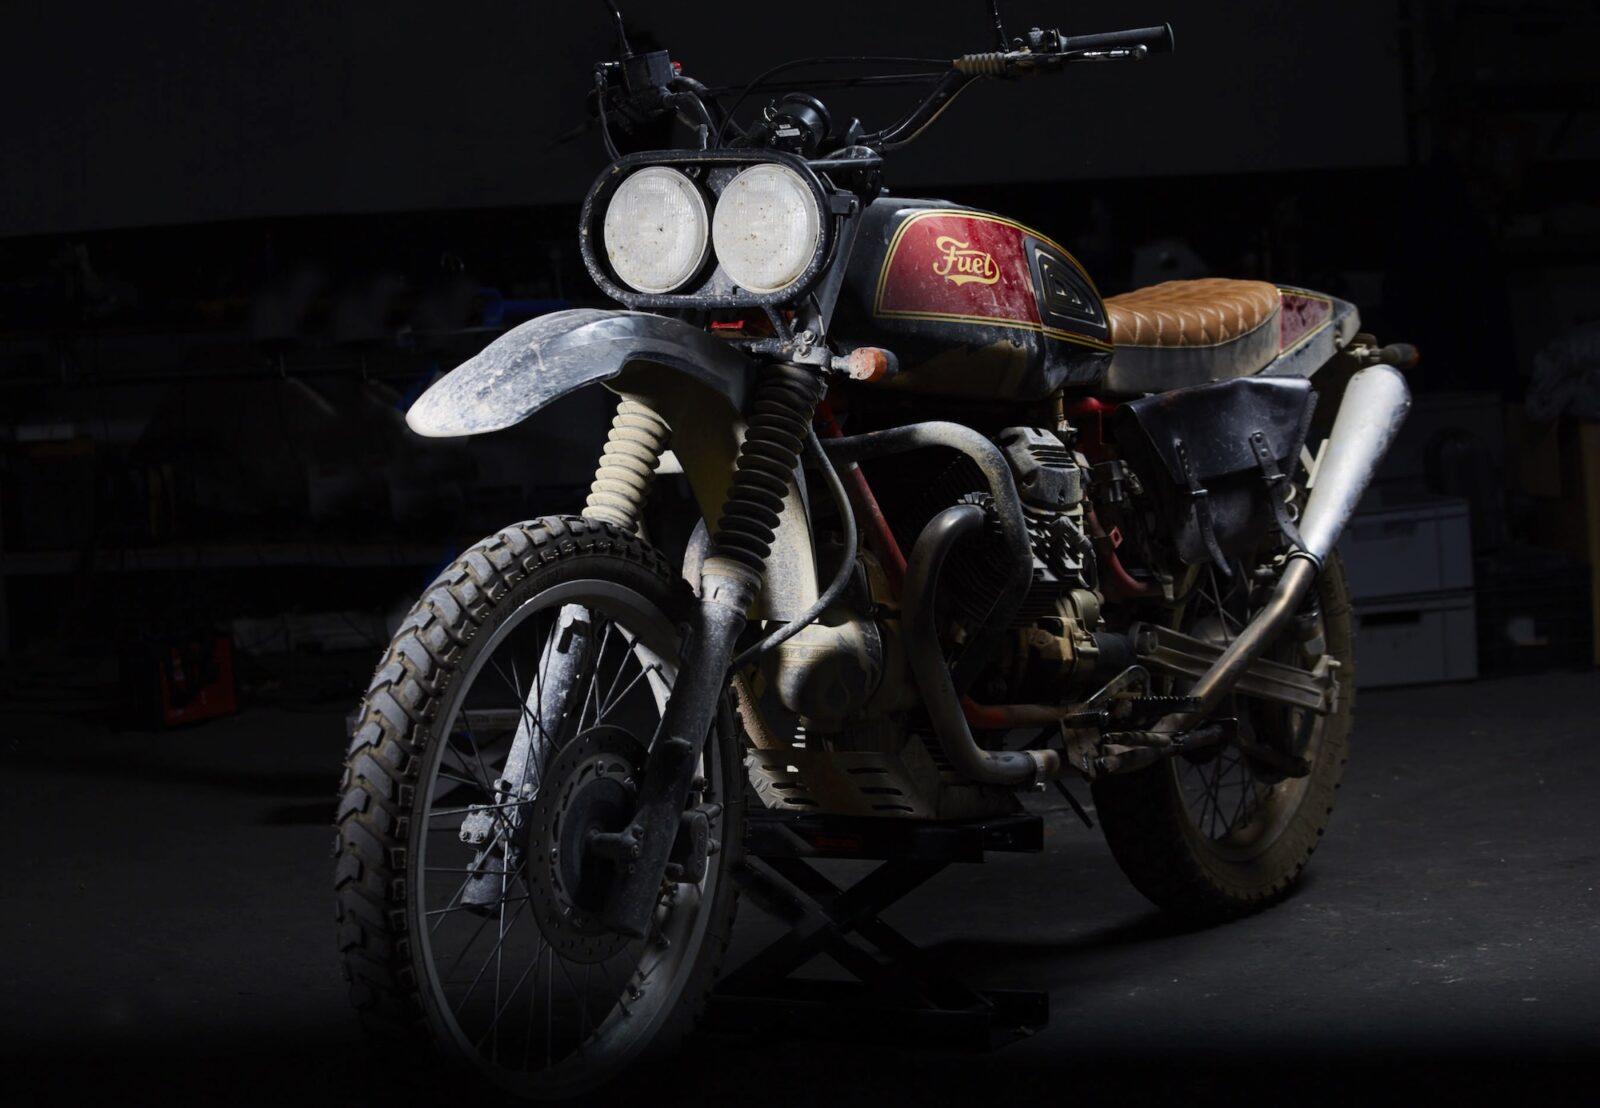 motor guzzi v65 tt 19 1600x1108 - Fuel Motorcycles Moto Guzzi V65 TT